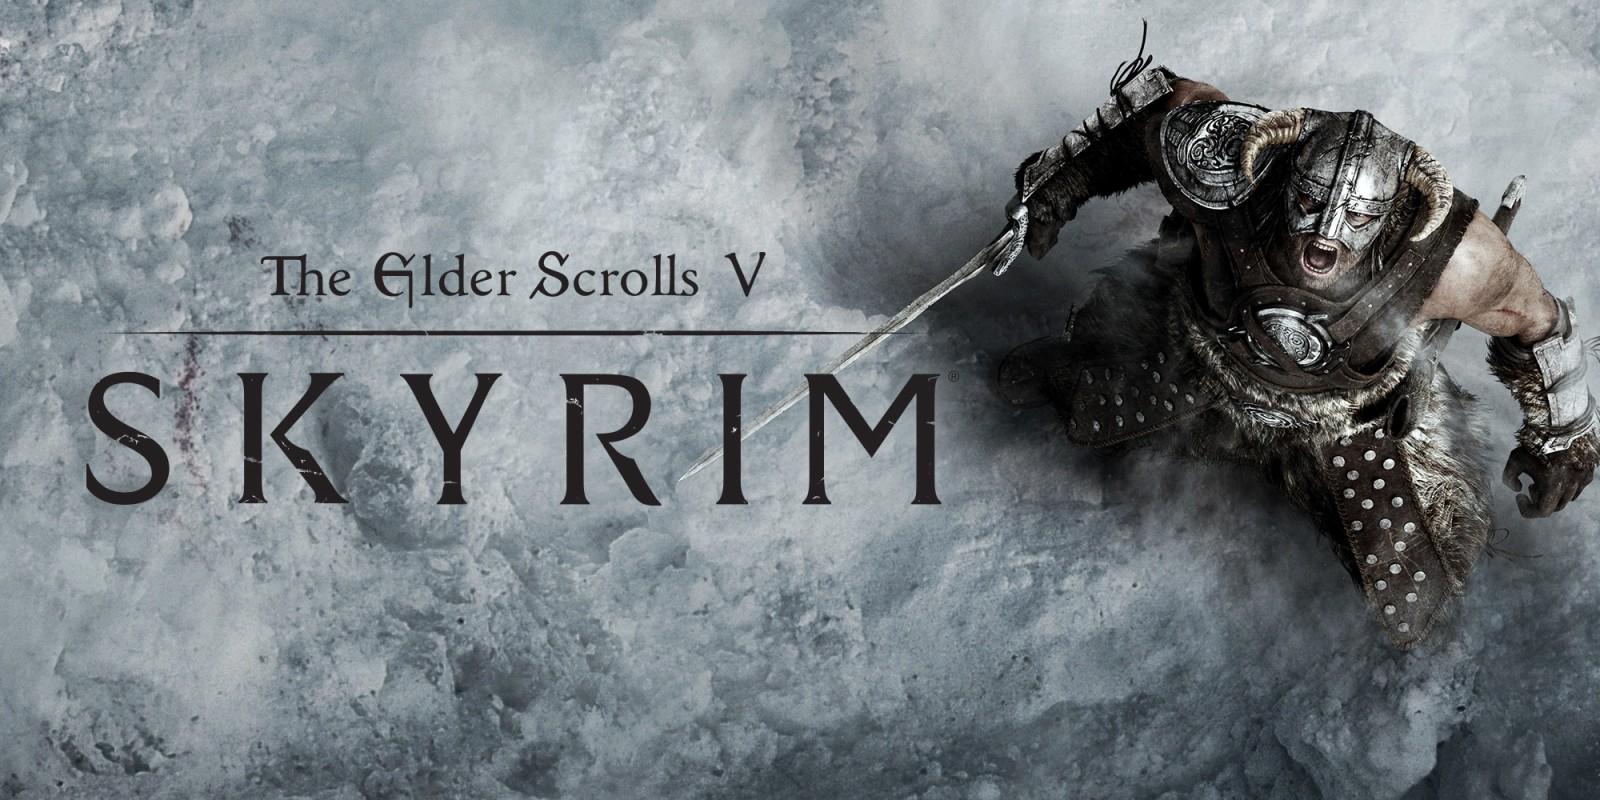 The Elder Scrolls V: Skyrim - Nintendo Switch - £24.99 @ Nintendo eShop